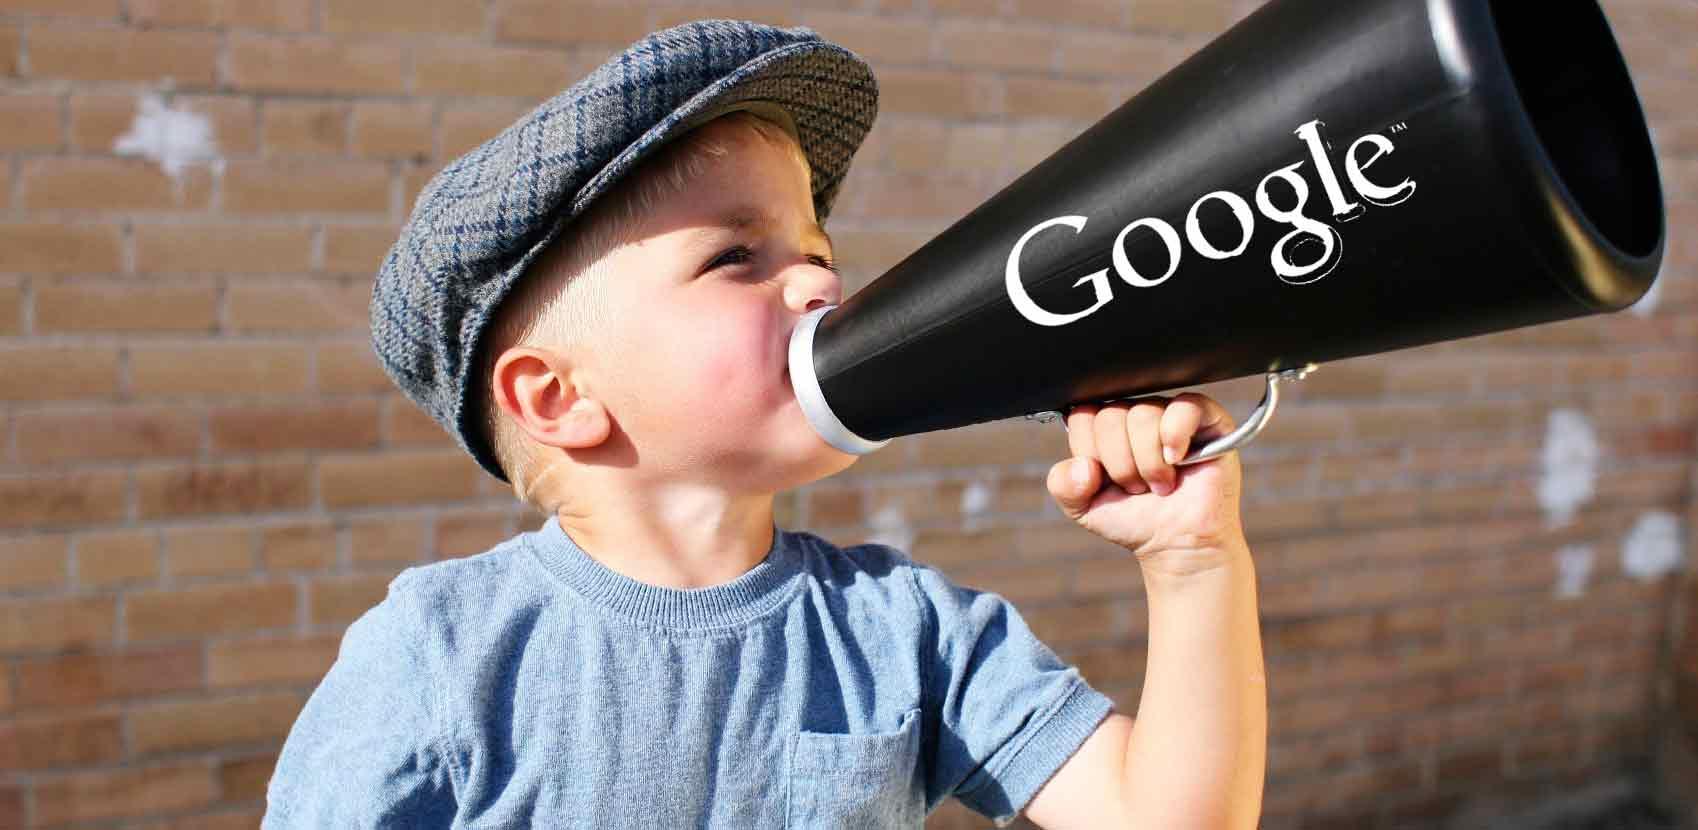 divulgacao no google